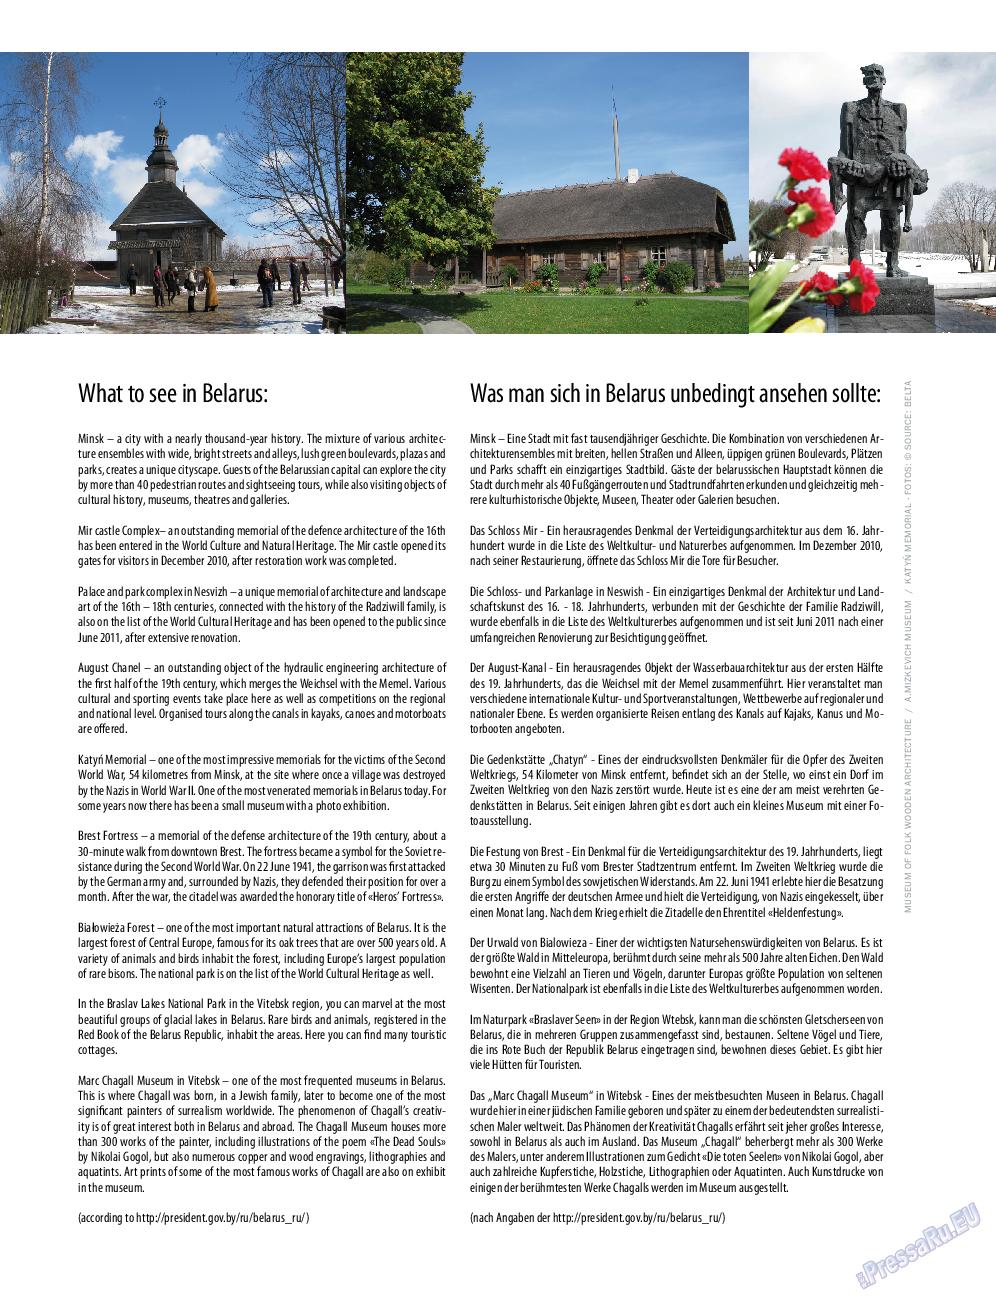 Клан (журнал). 2015 год, номер 8, стр. 62